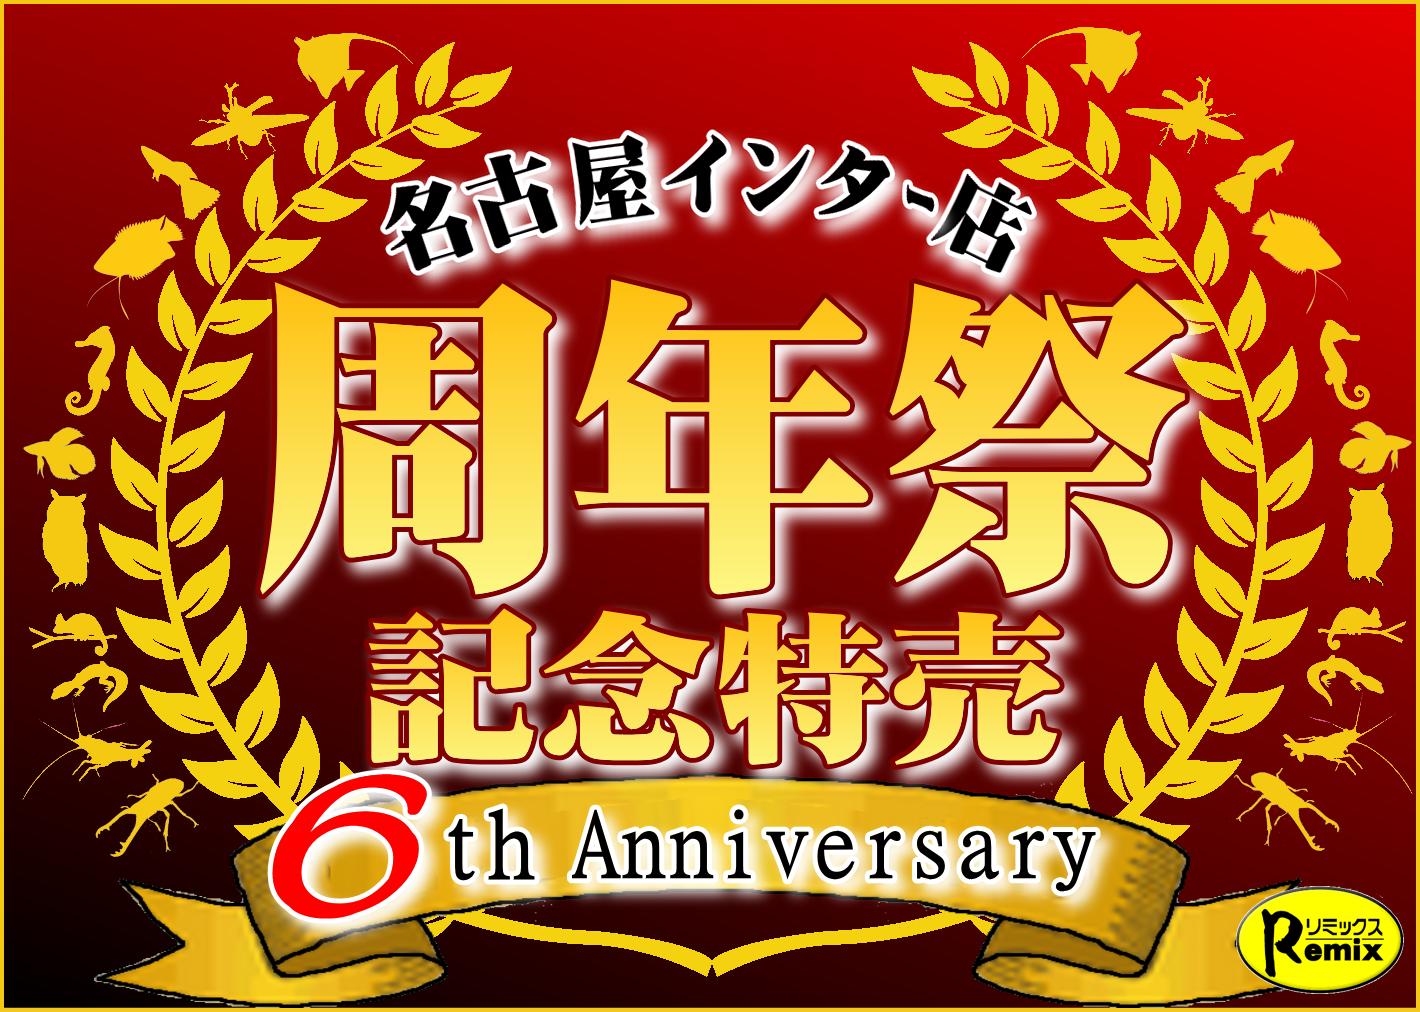 ついに!!『名古屋インター店周年祭記念特売』始まる!!@インター爬虫類